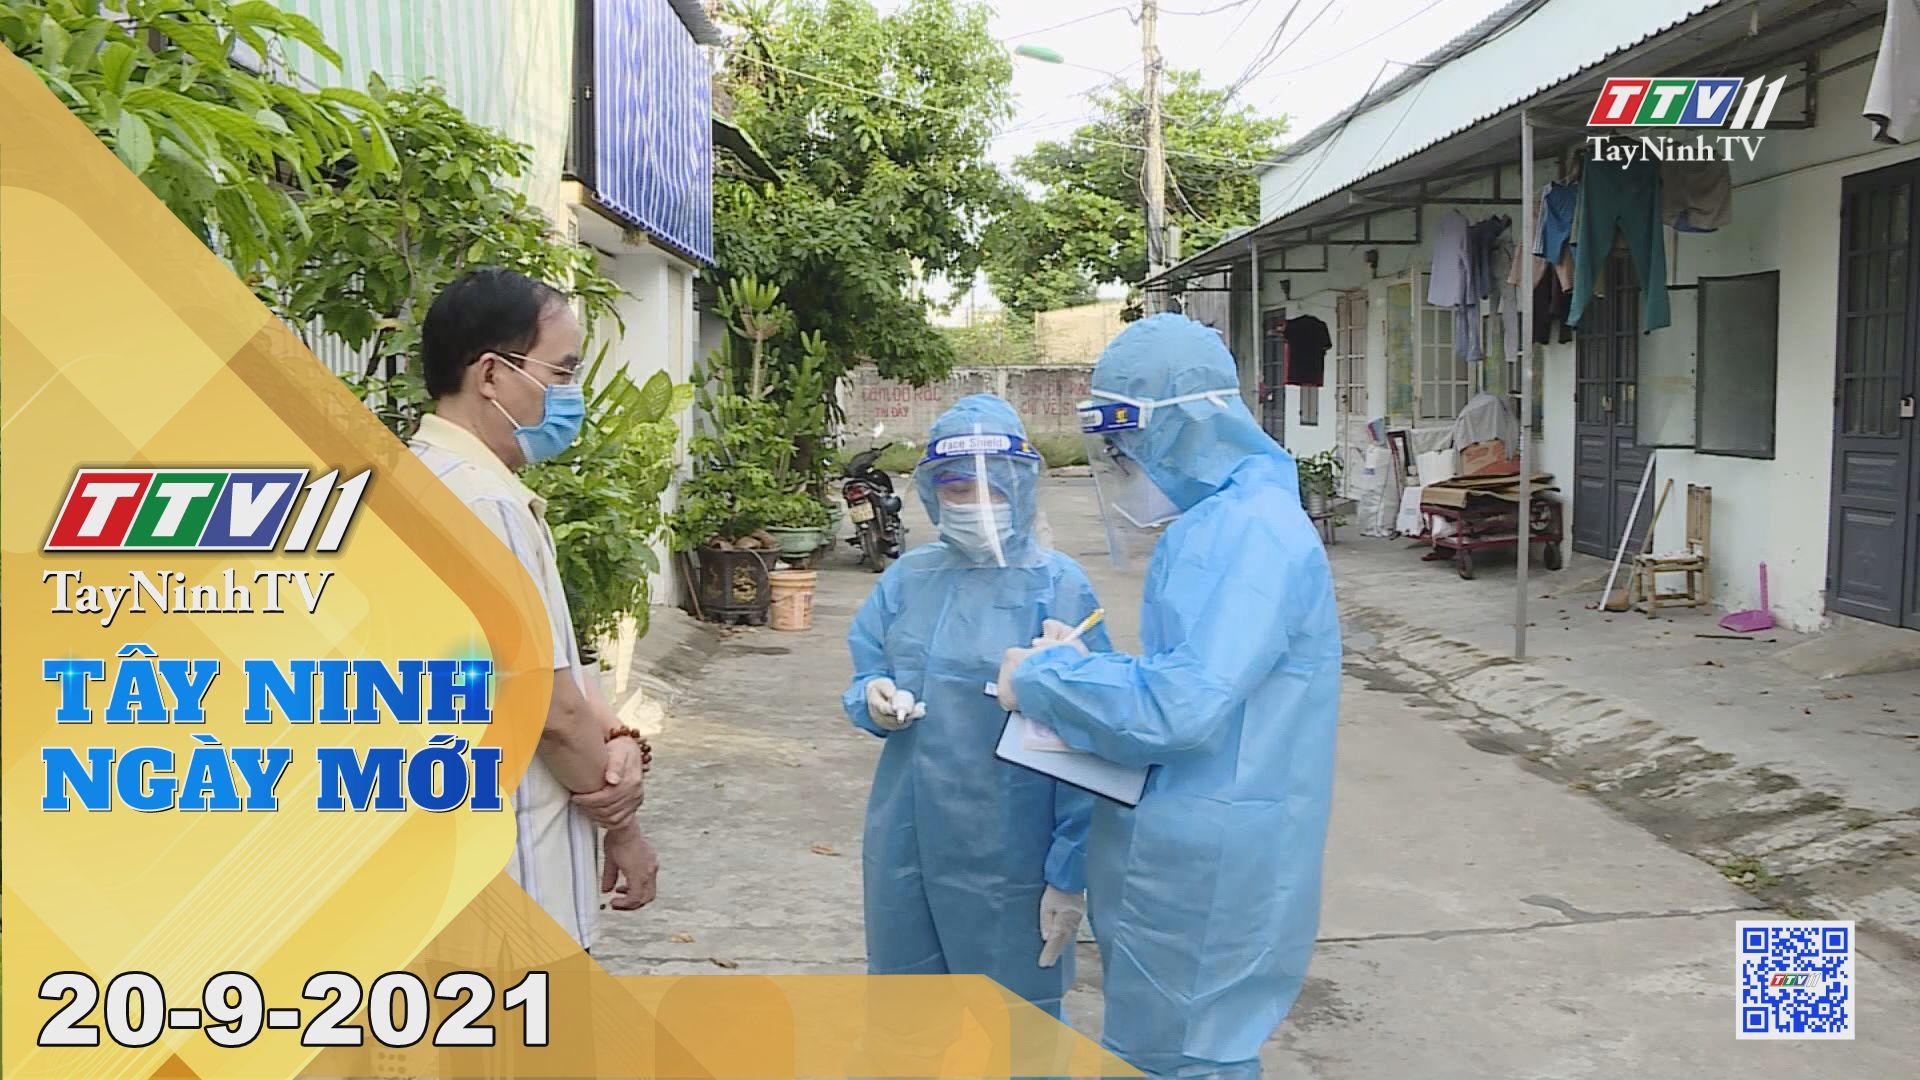 Tây Ninh Ngày Mới 20/9/2021 | Tin tức hôm nay | TayNinhTV